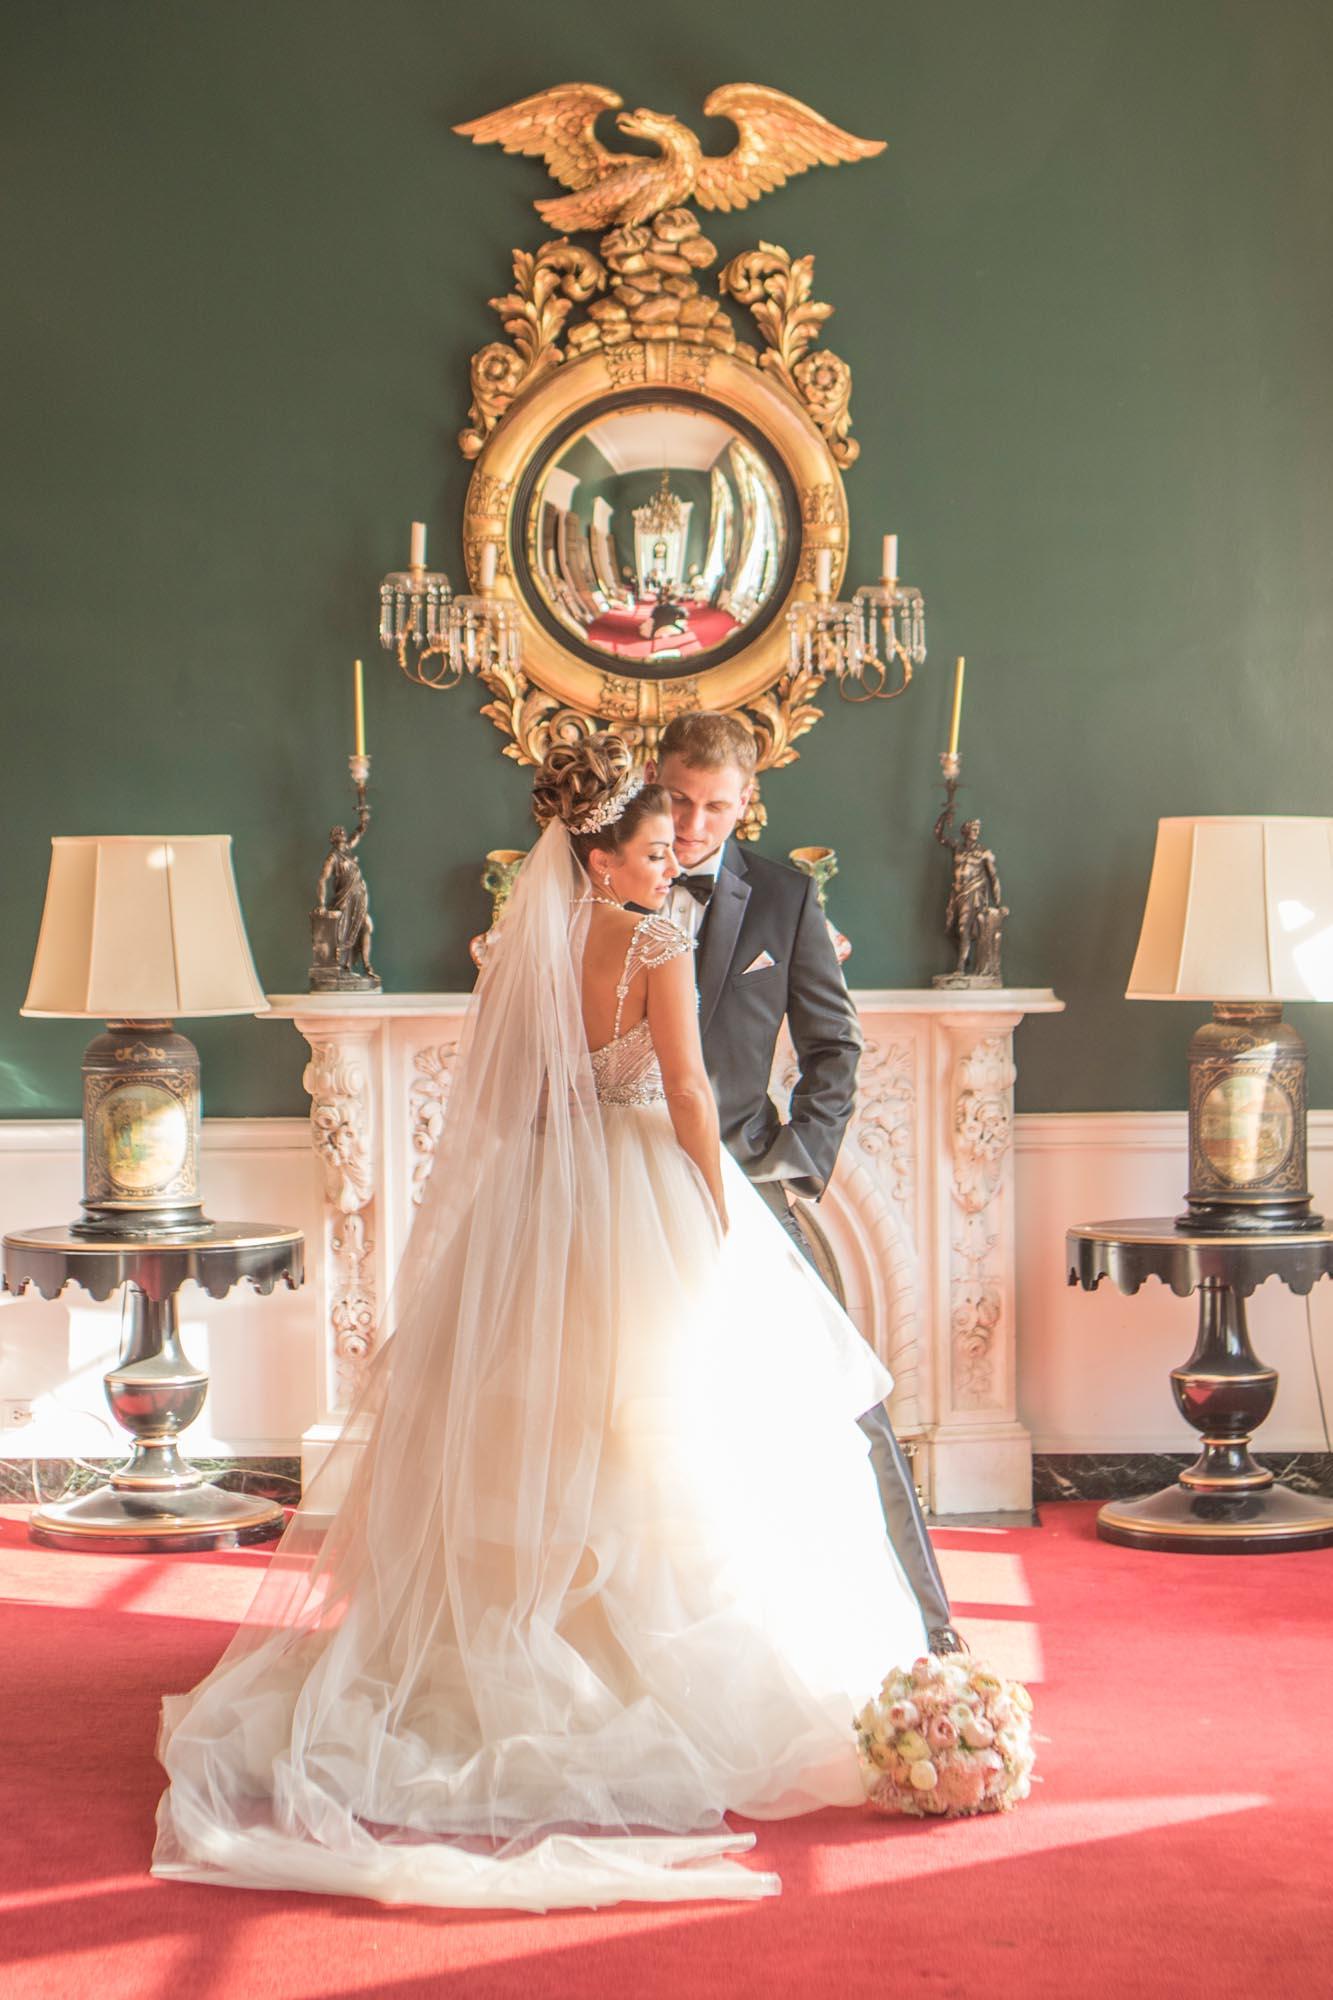 wv-wedding-photographer-sheena-pendley-9071.jpg